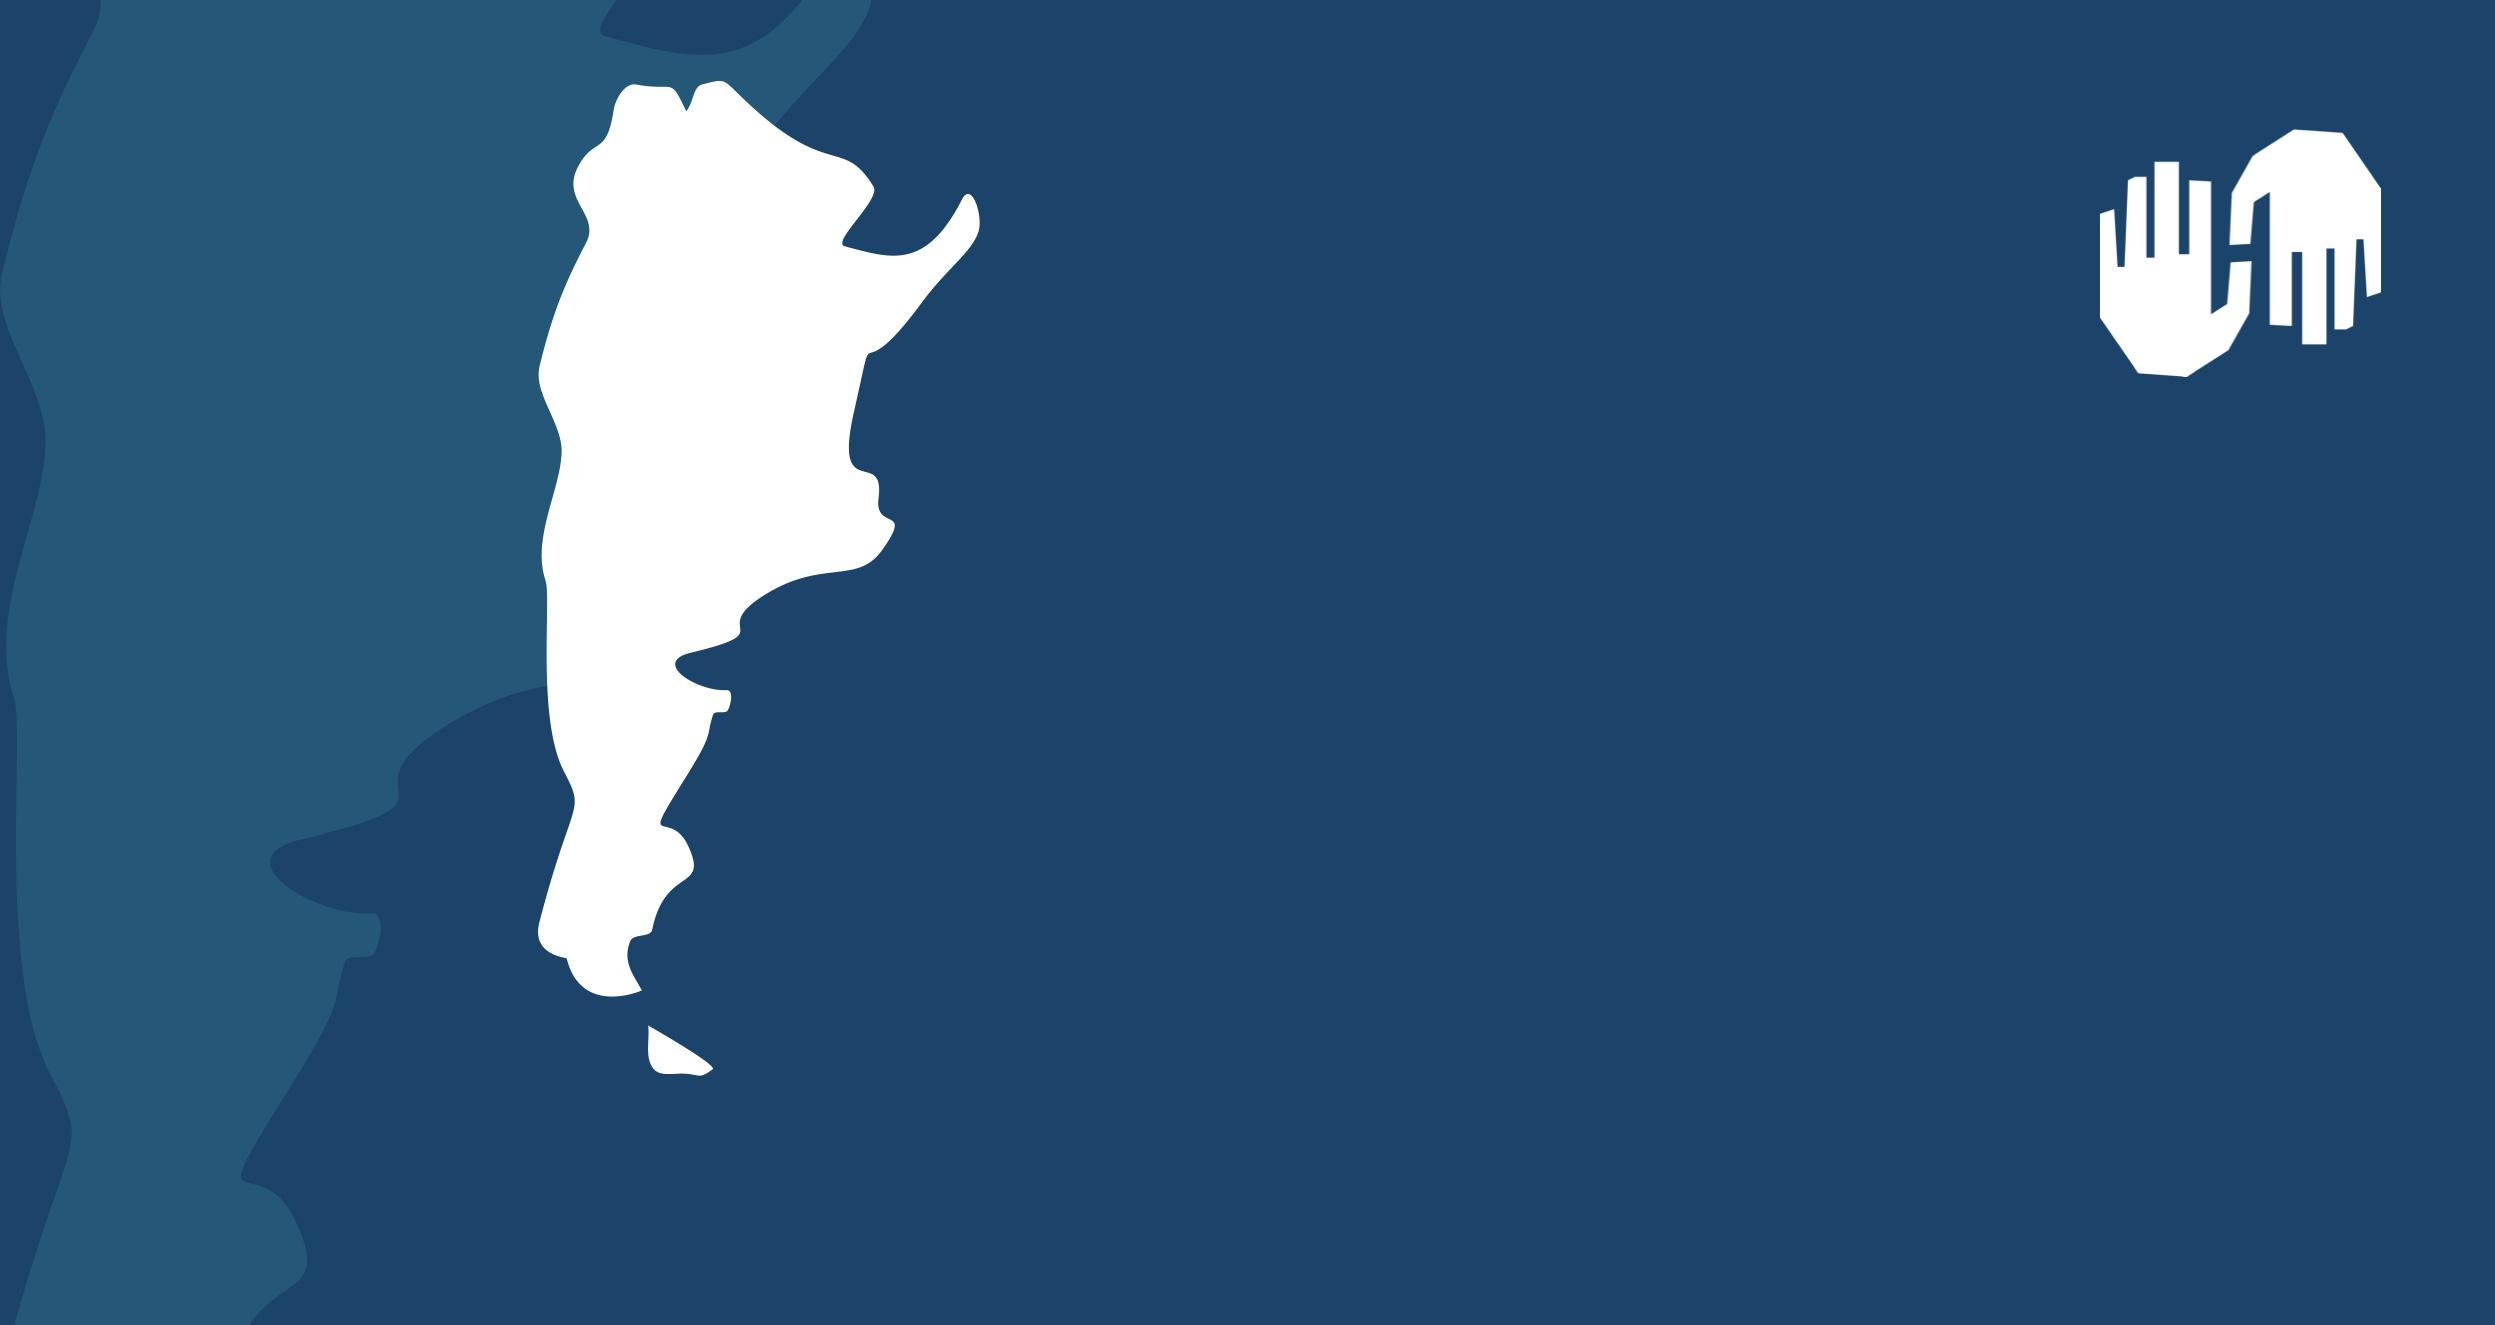 MÁS DE 125 ORGANIZACIONES SOCIALES